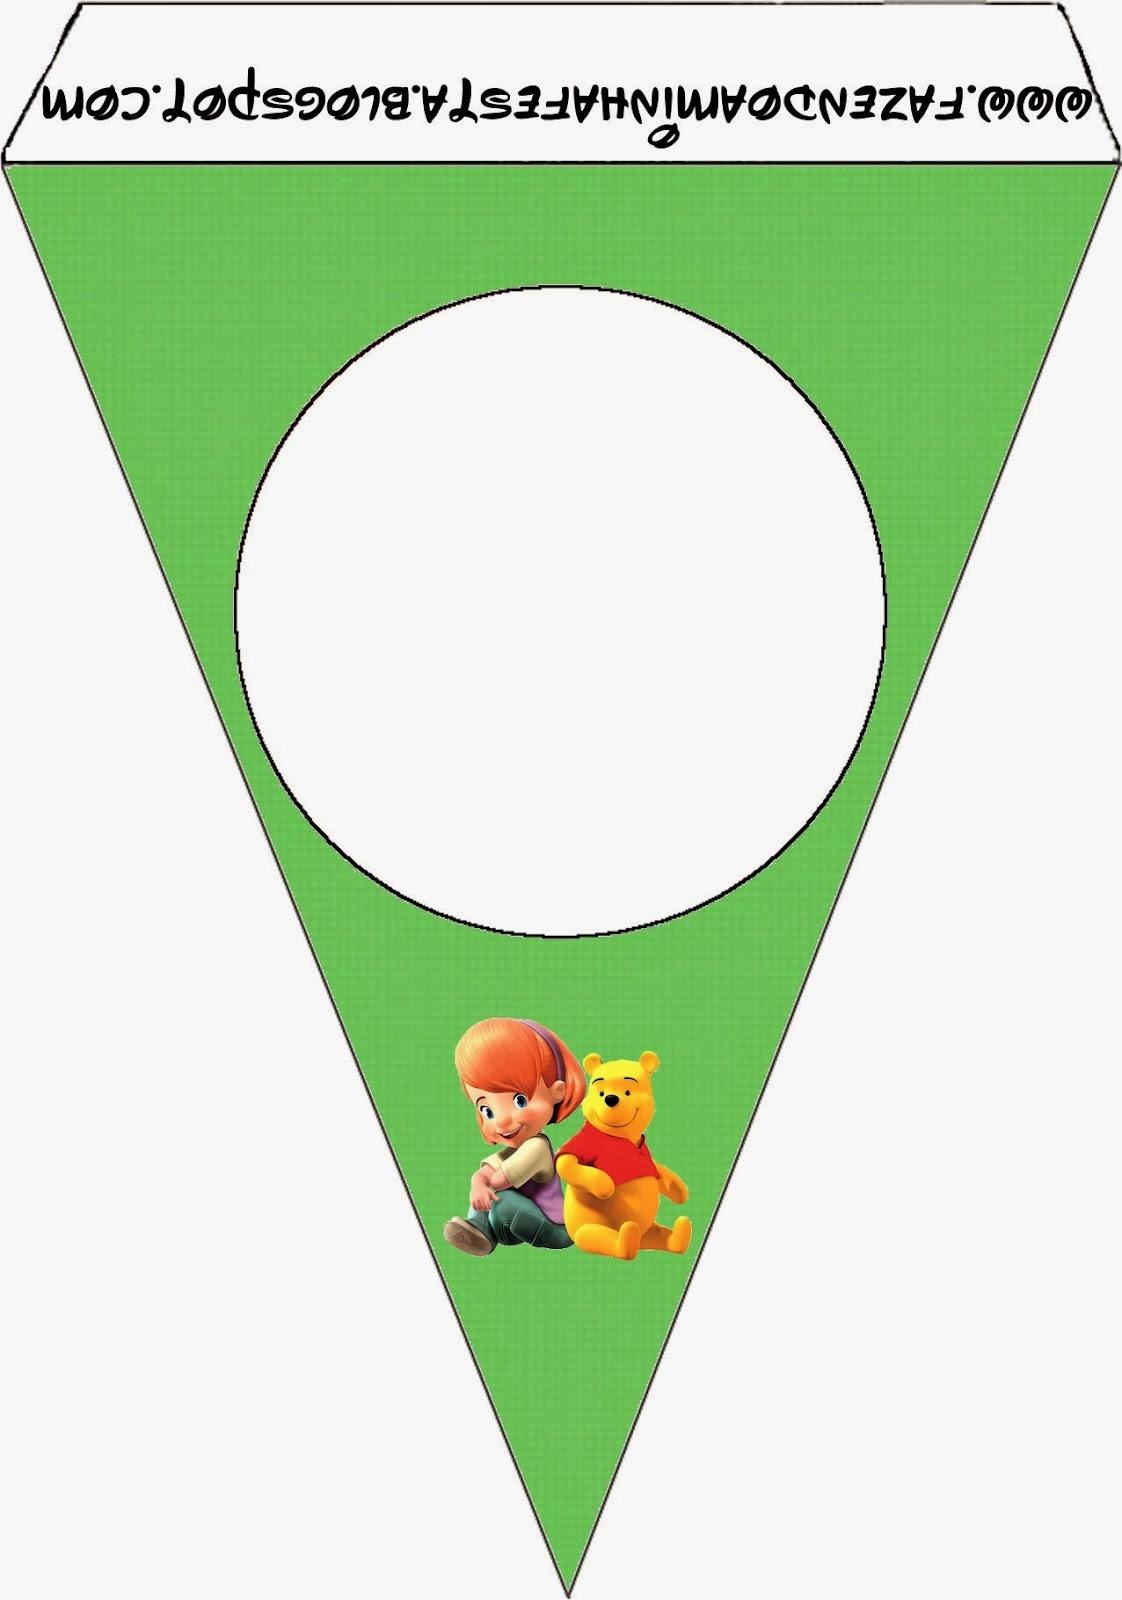 Para banderines de Winnie the Pooh.